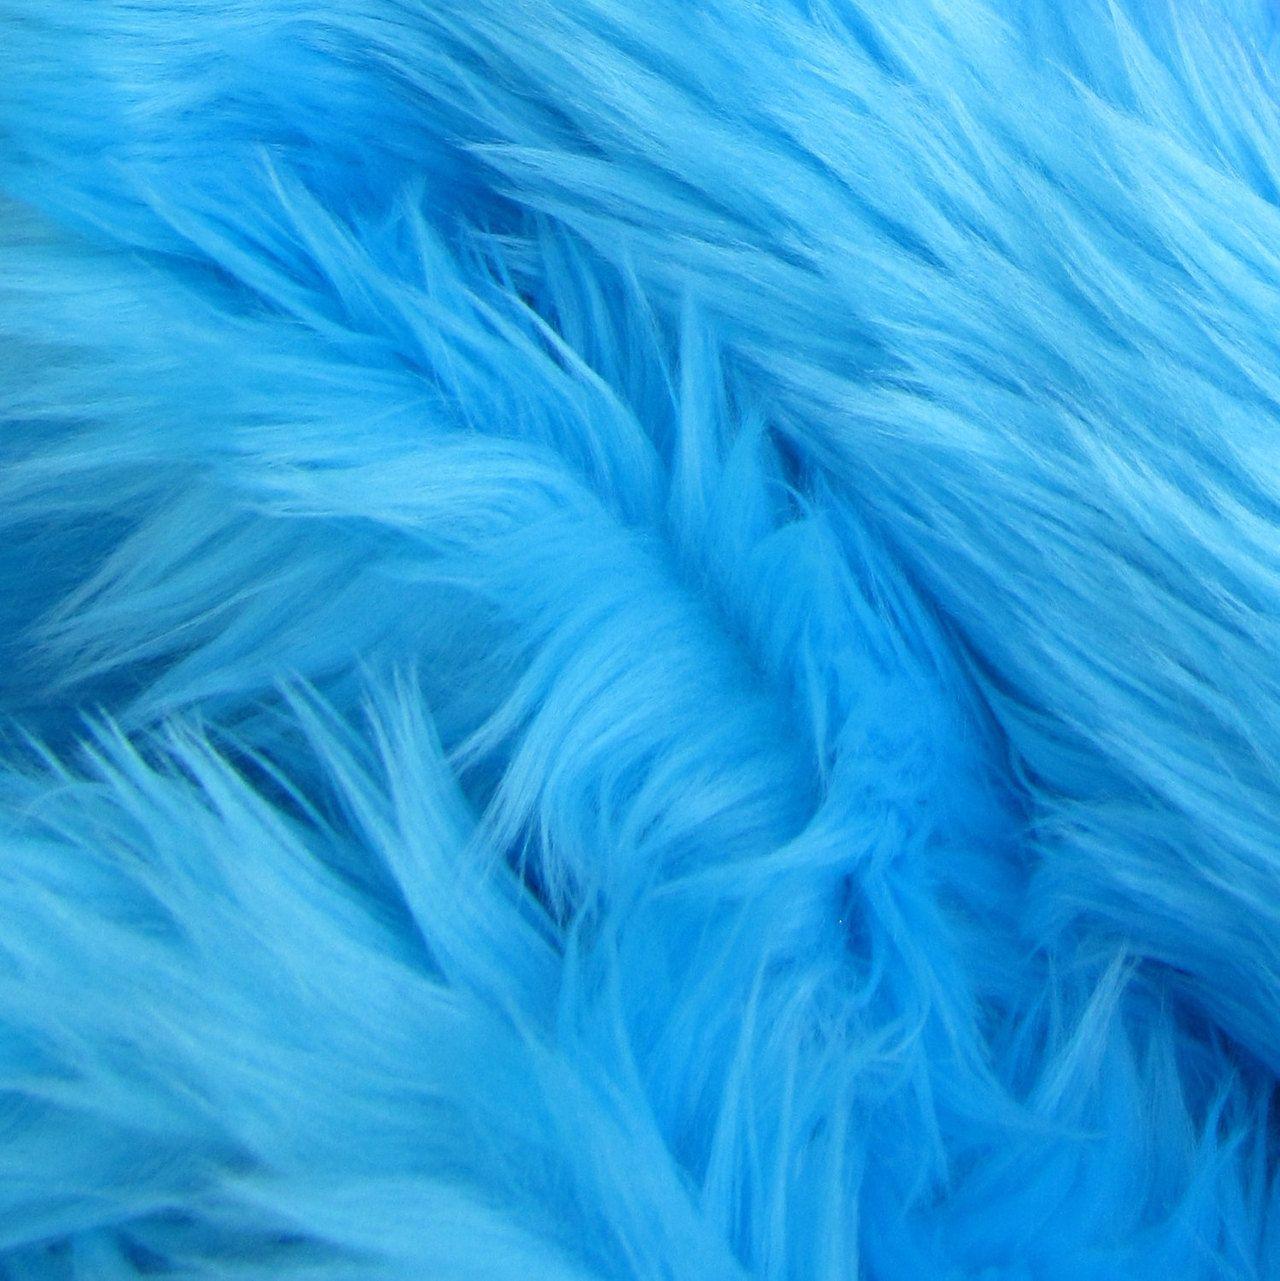 Light Blue Aesthetic Plain